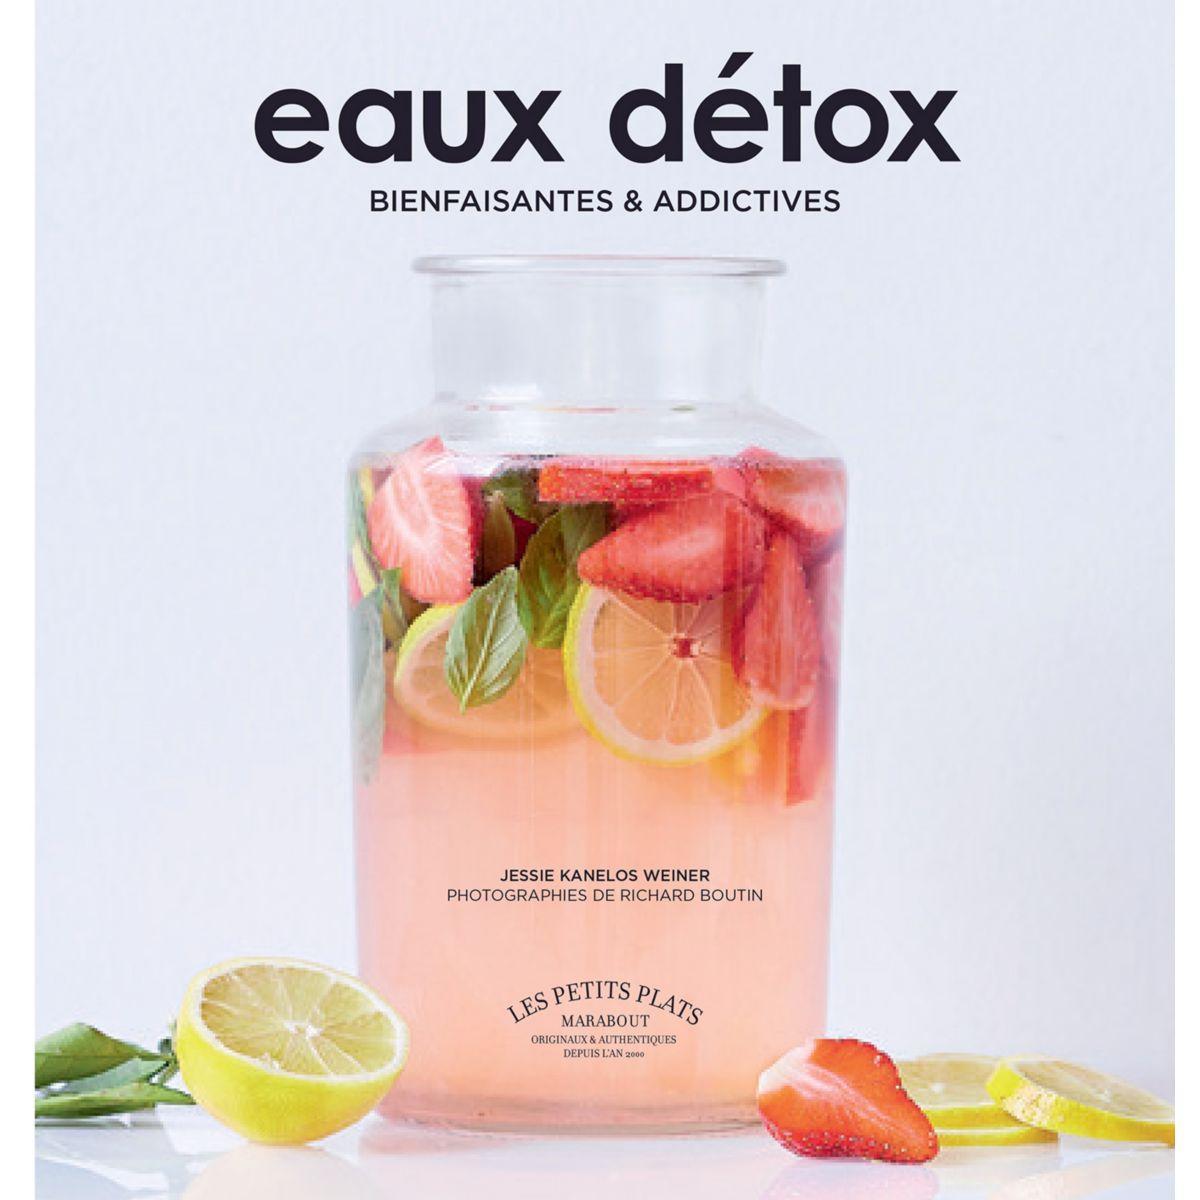 Livre marabout eau detox - la sélection webdistrib.com (photo)